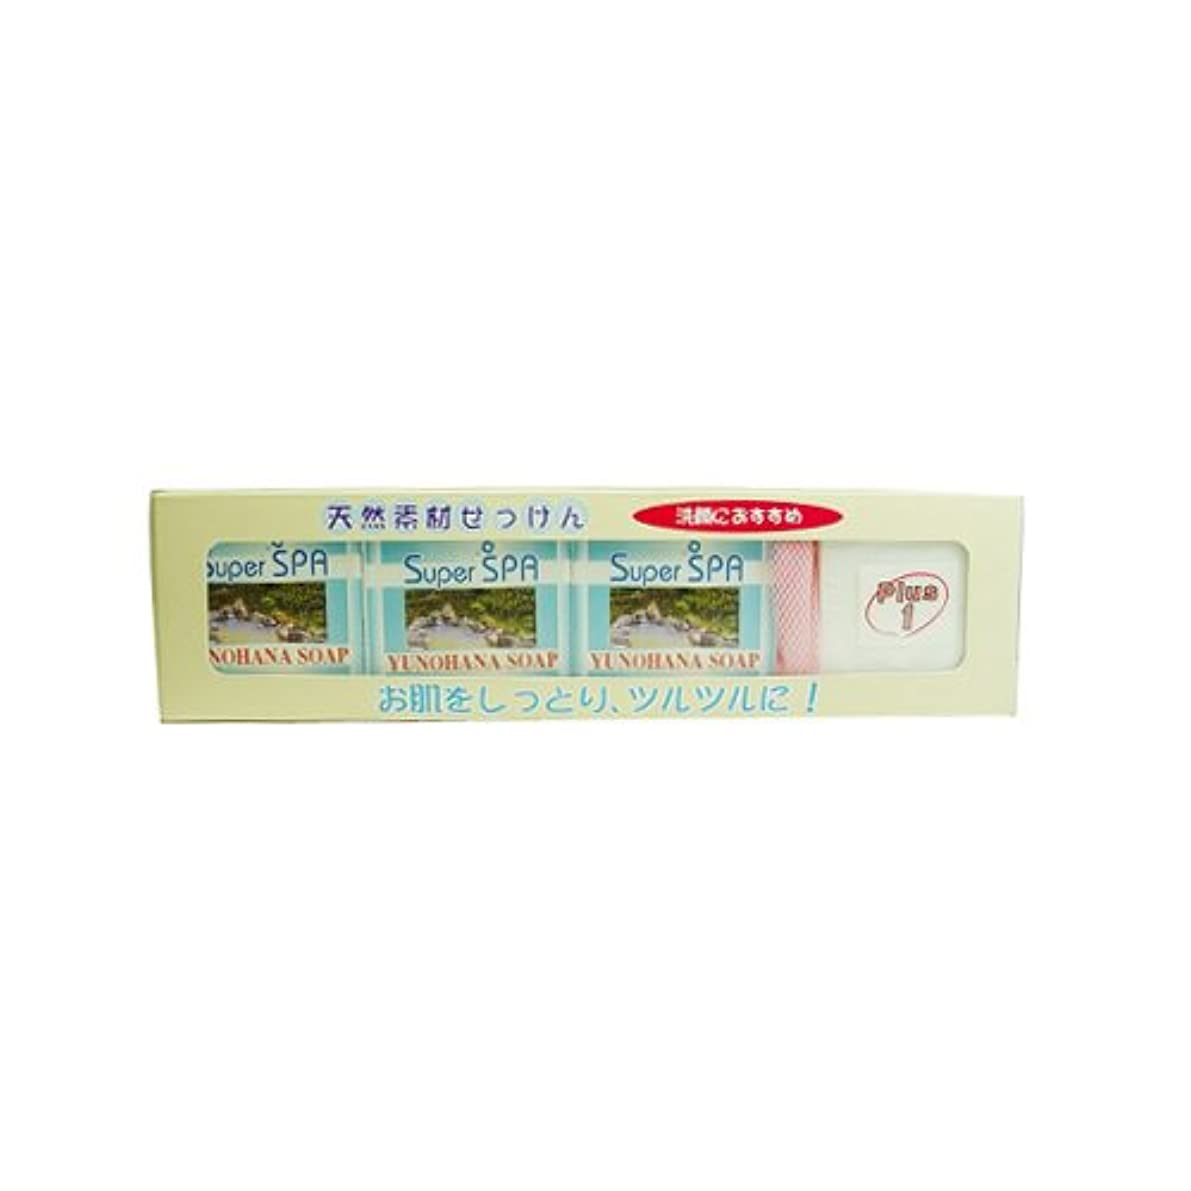 レパートリーフロント蘇生する湯の花石鹸(天然素材石鹸)‐KH212283